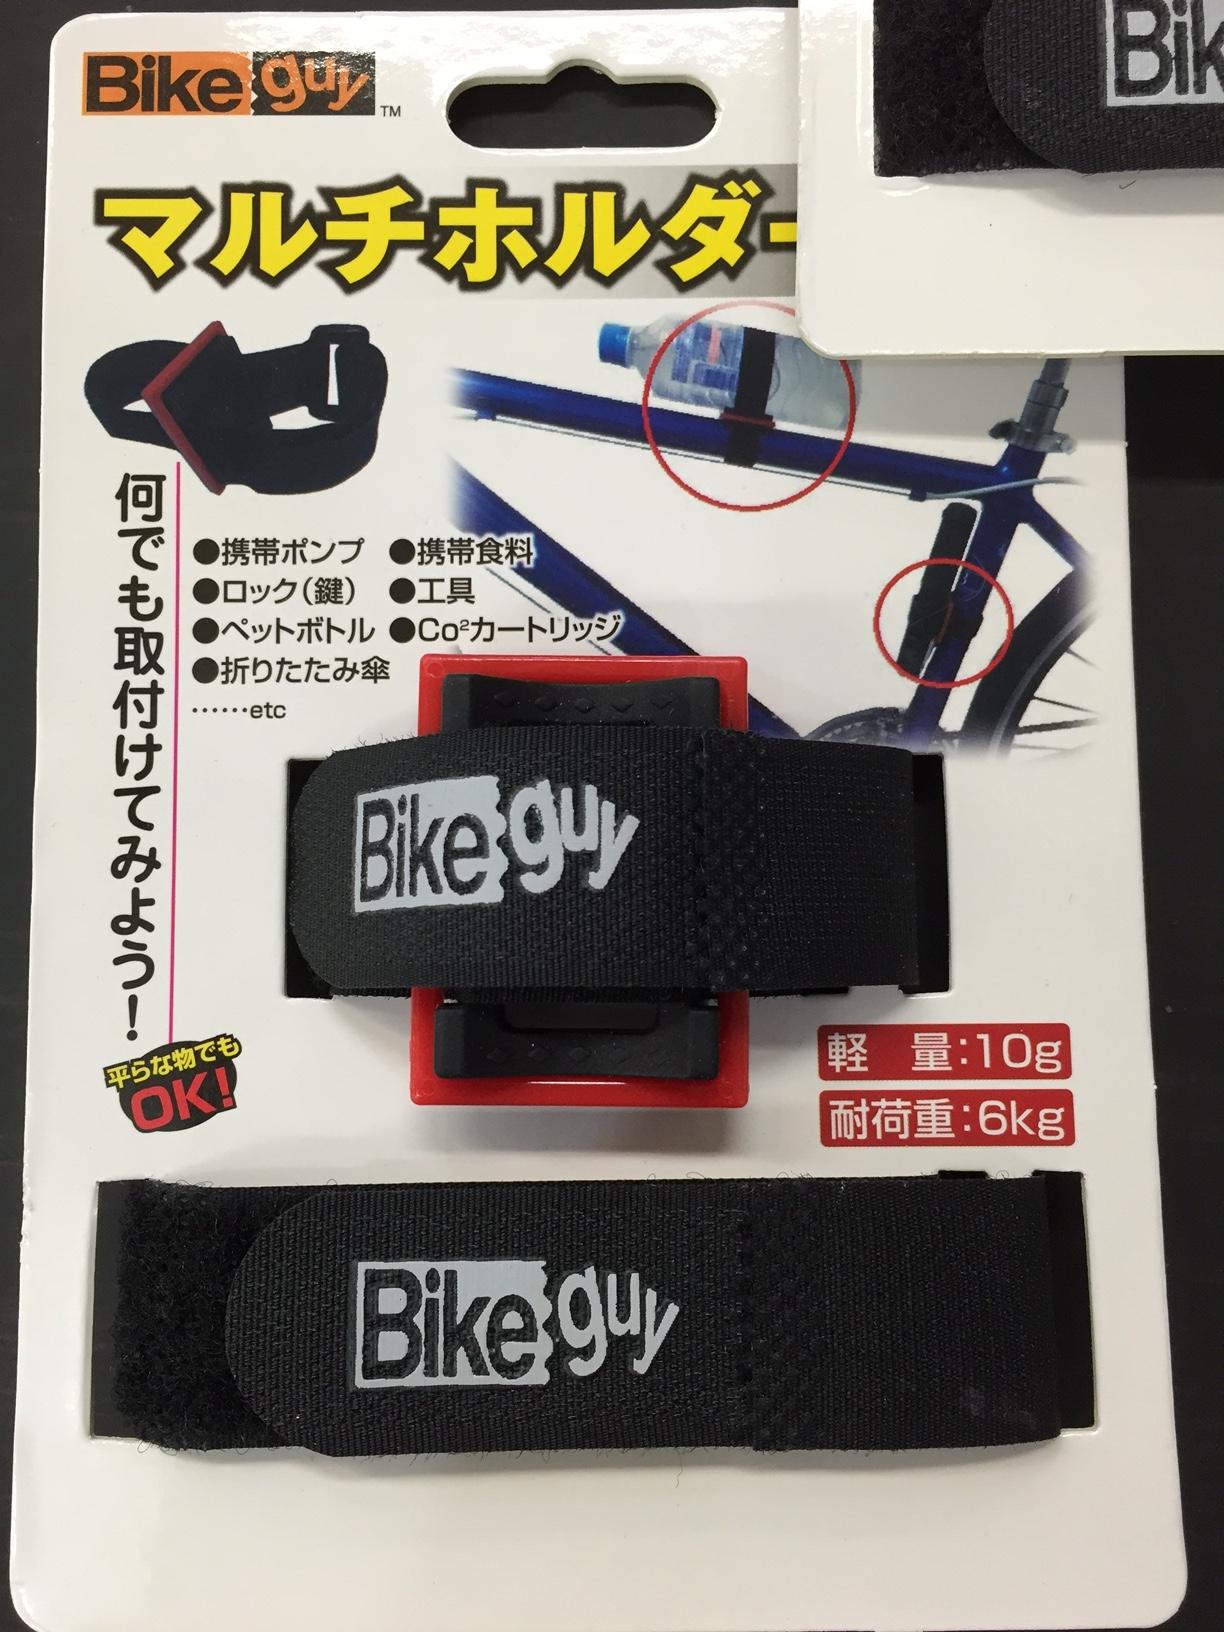 Bikeguy-MultiHolder-1.jpg